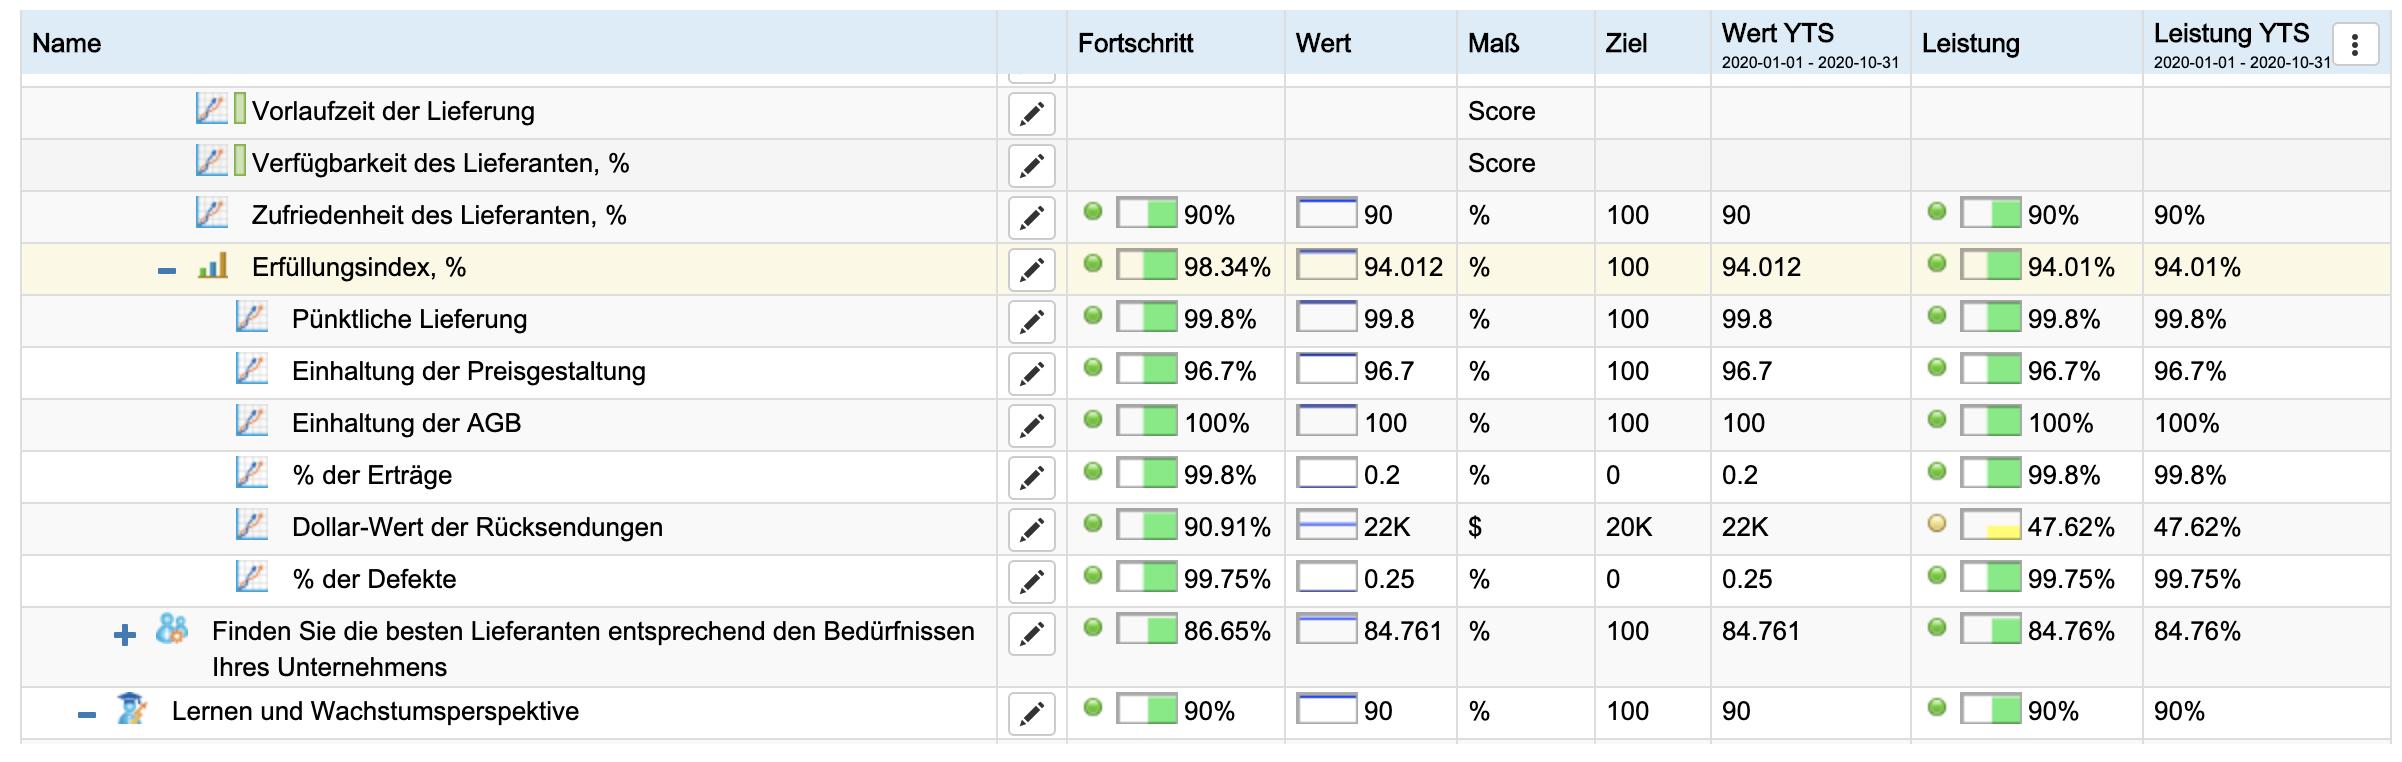 Konformitätsindex in BSC Designer